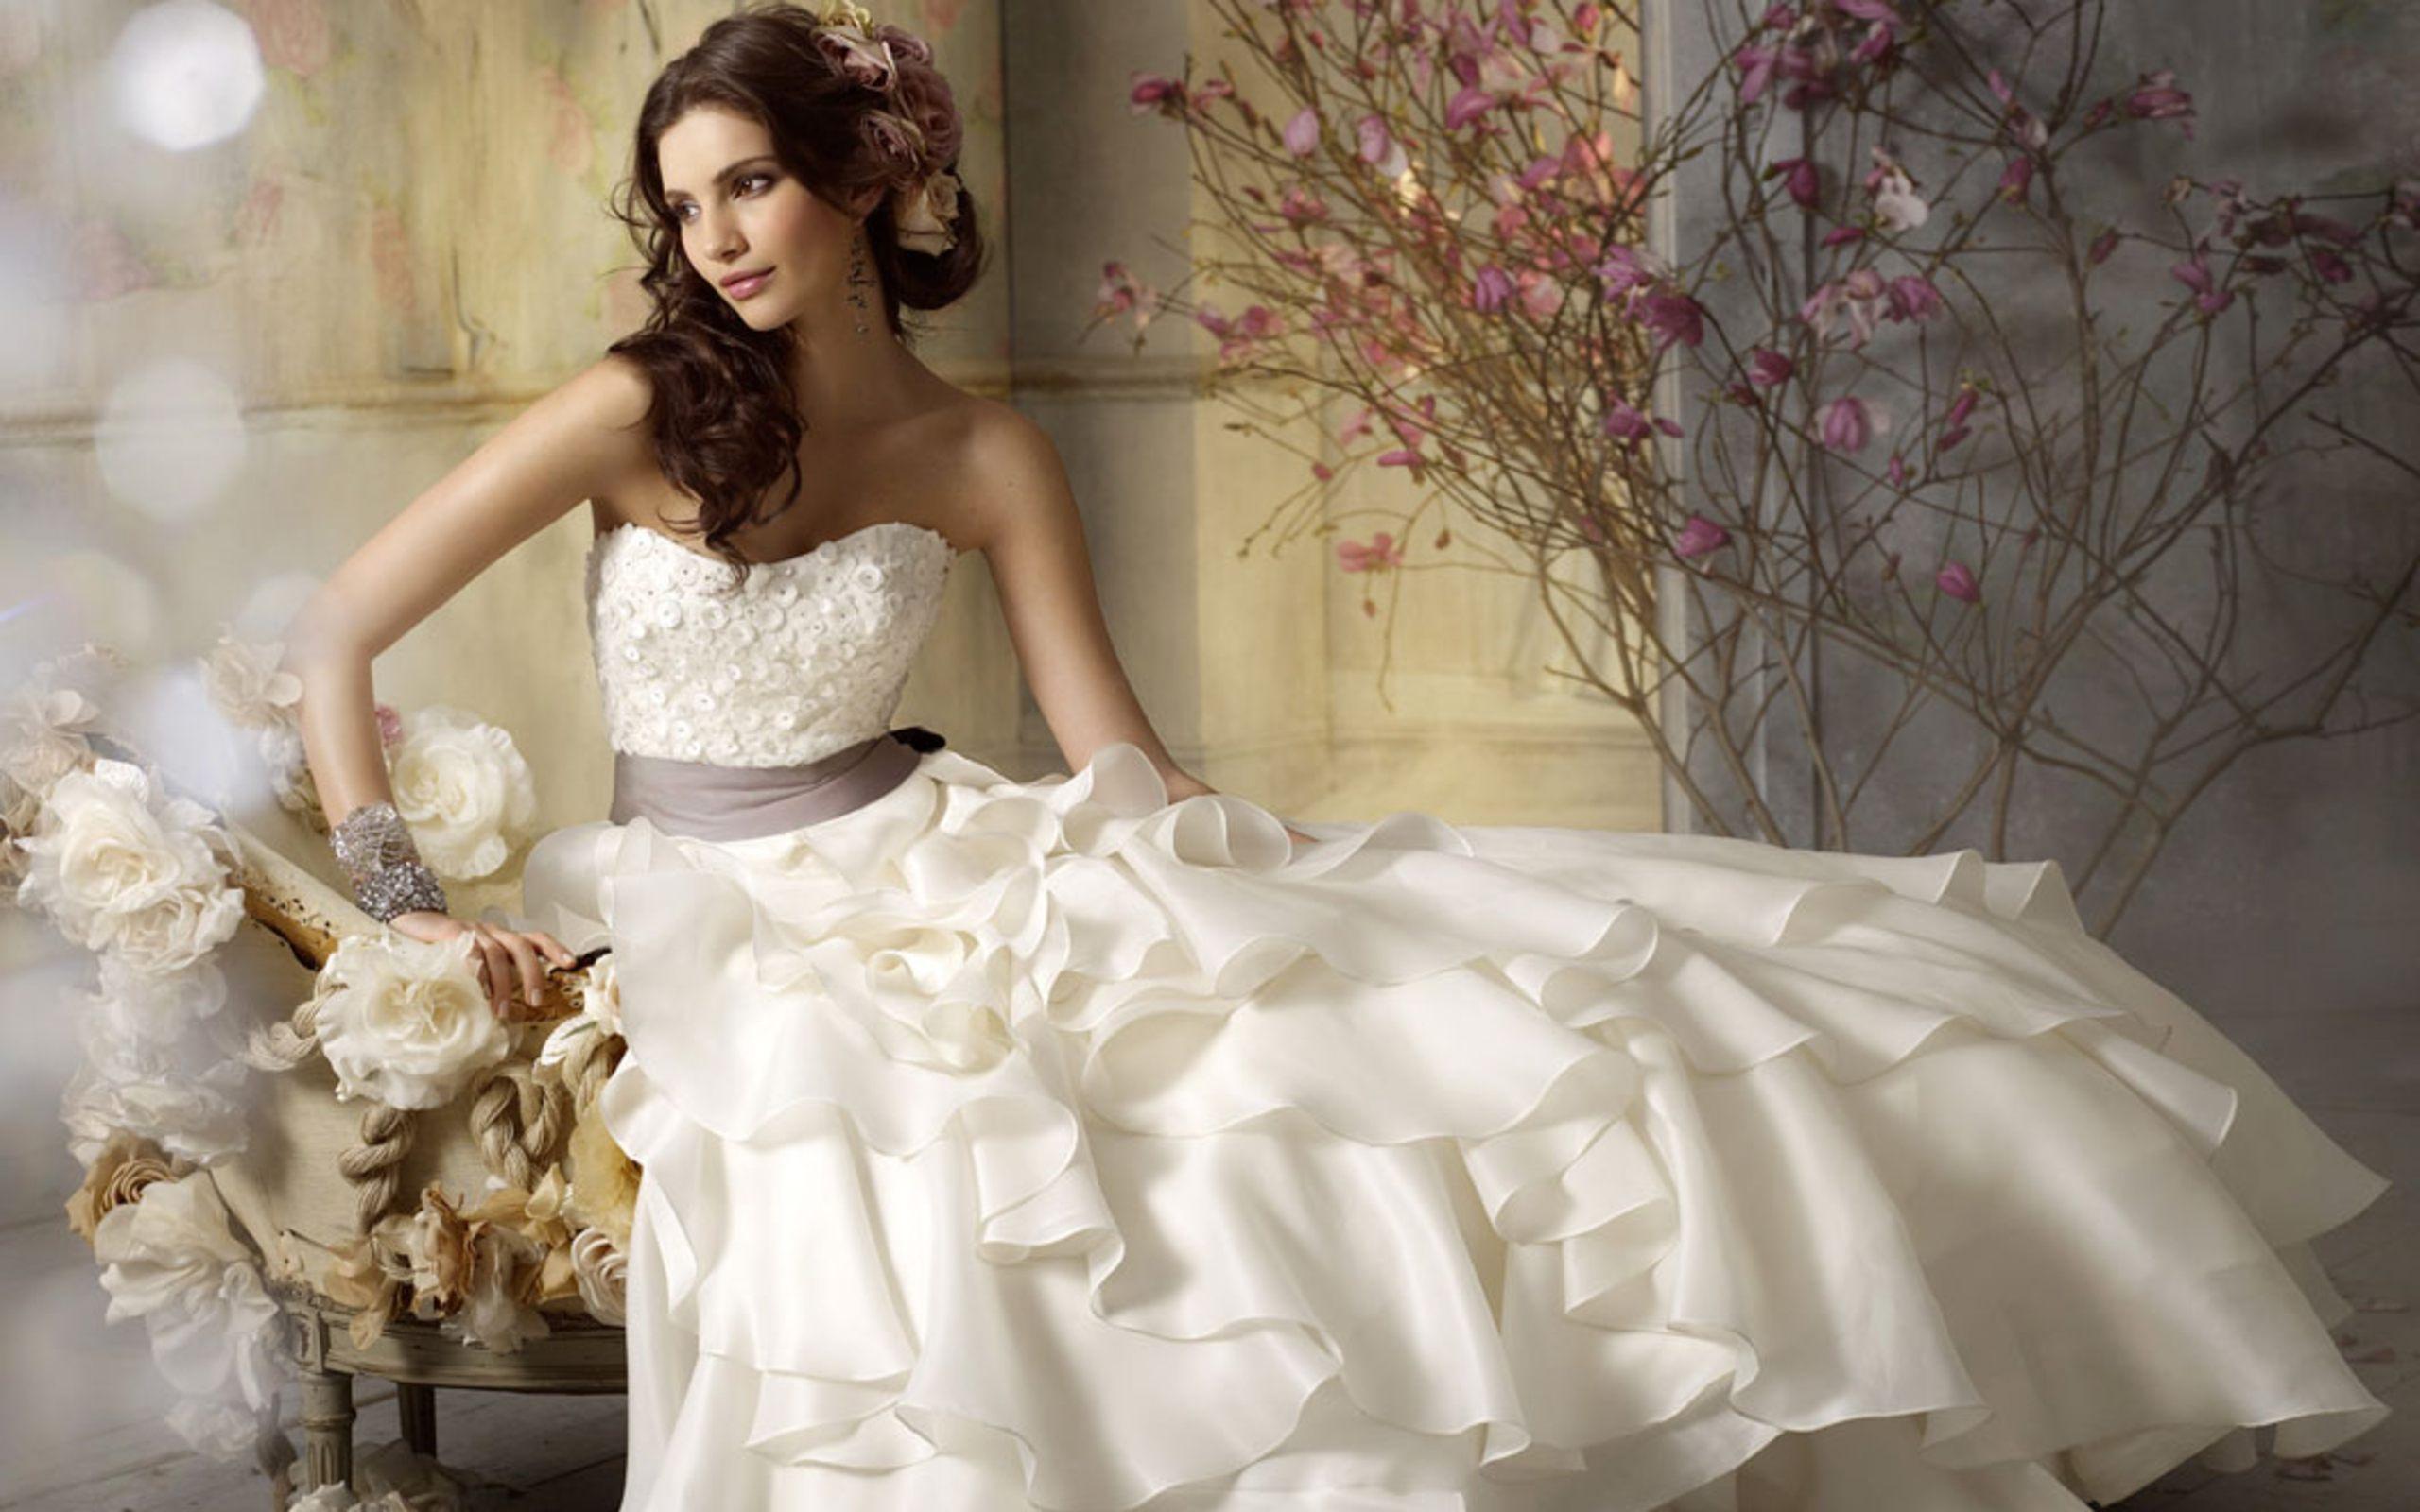 صورة صور عن العروس , بالصور البومات العرس من الاساسيات 3452 7